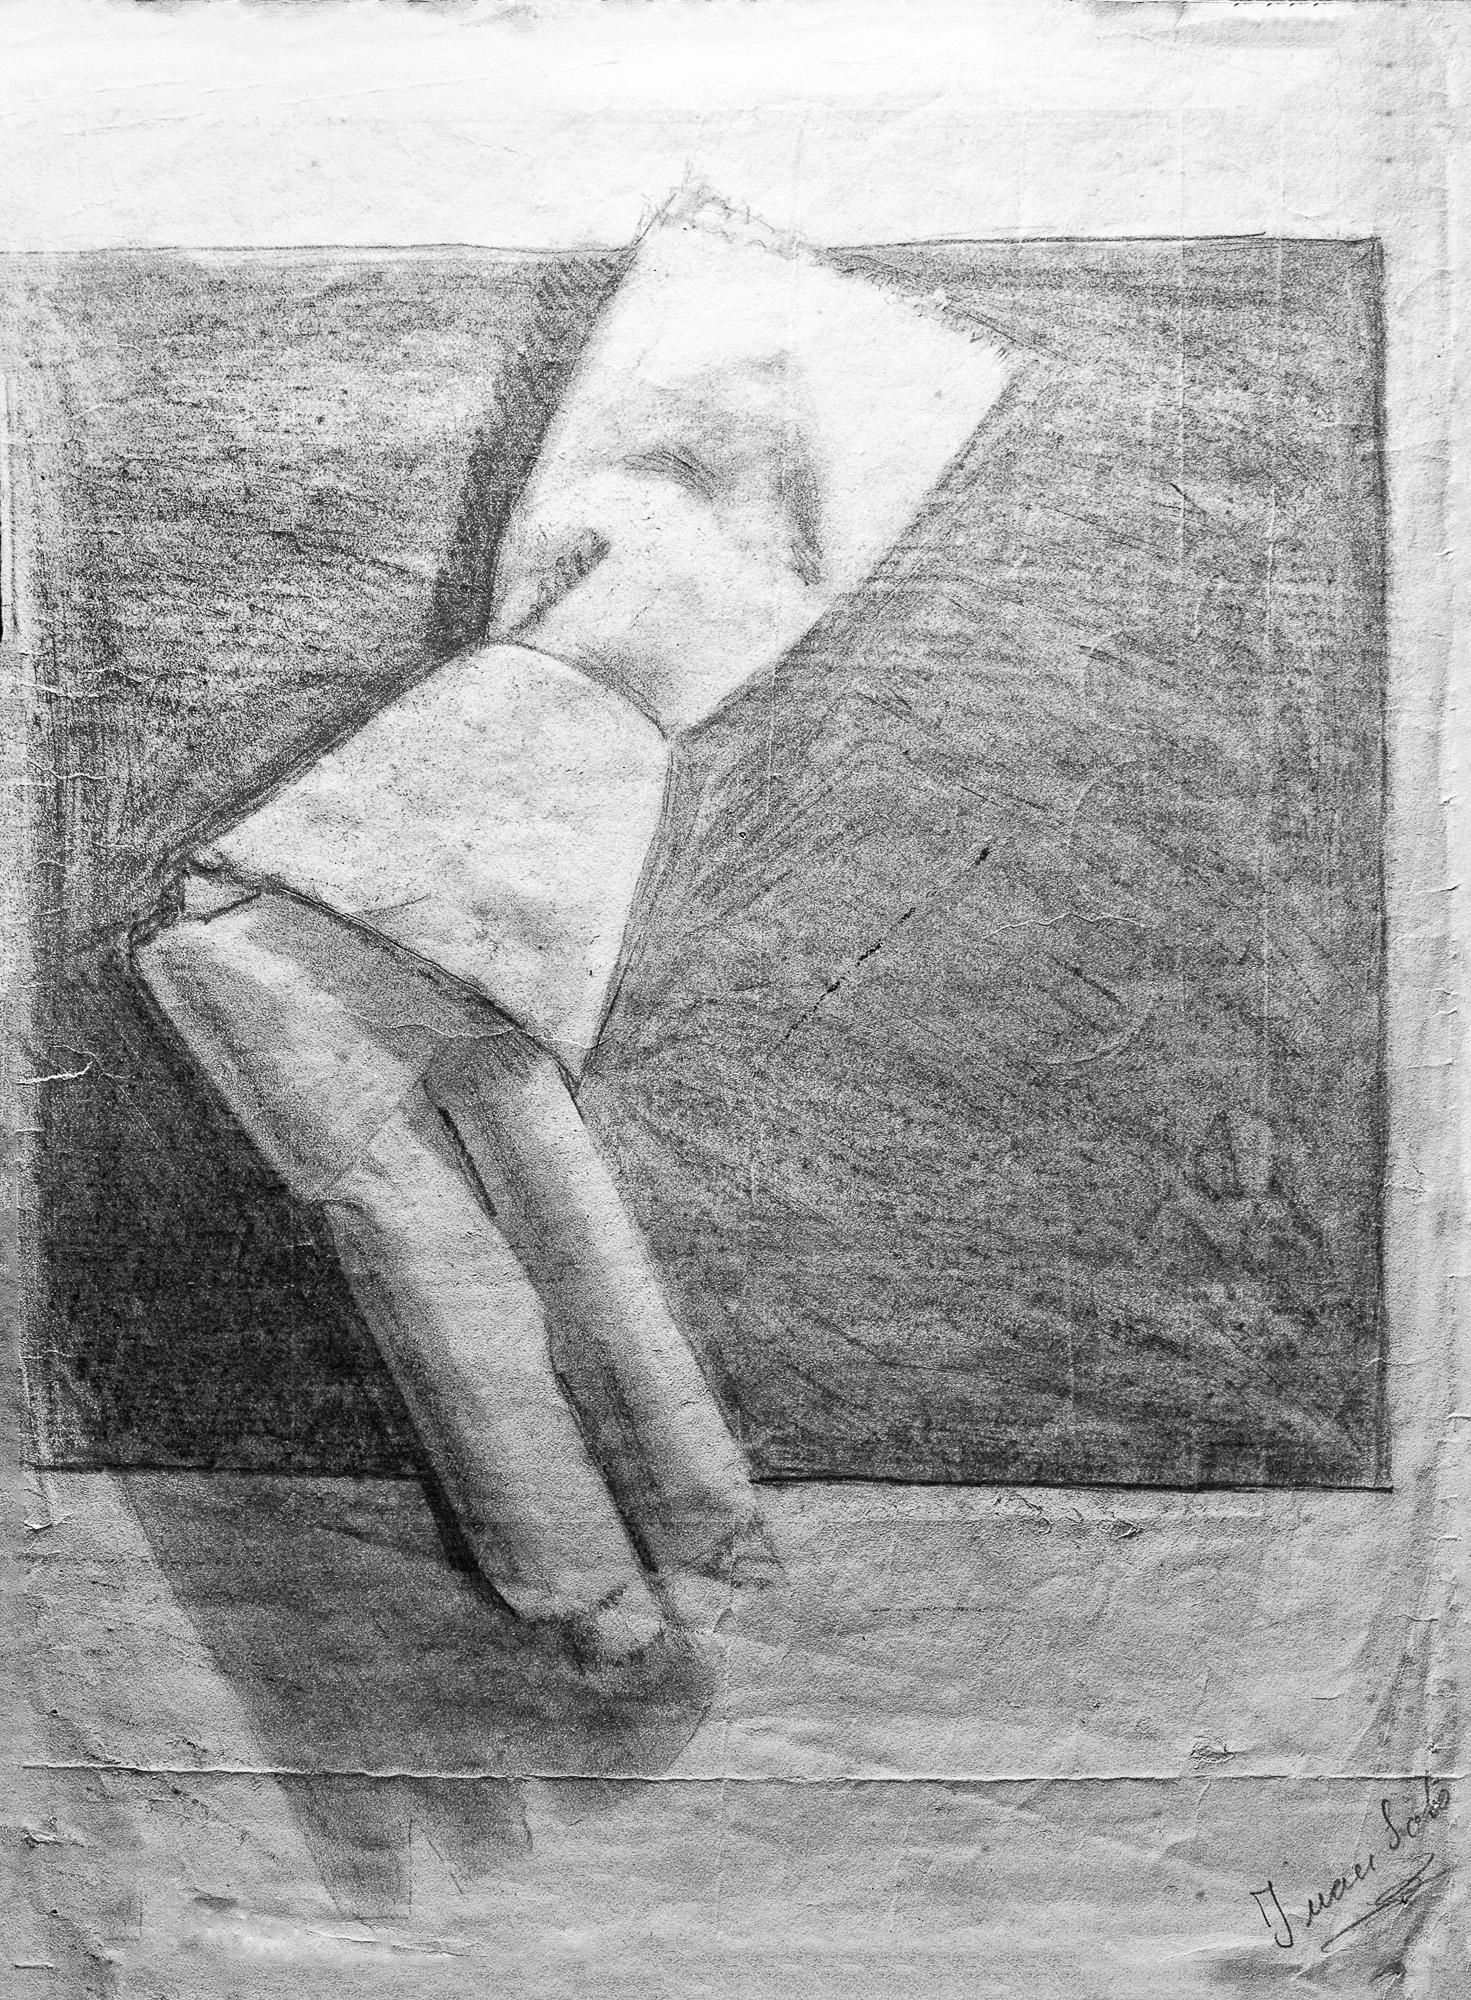 Juan Soto. Obra temprana 1946. Carboncillo sobre papel. 35 x 24 cm.